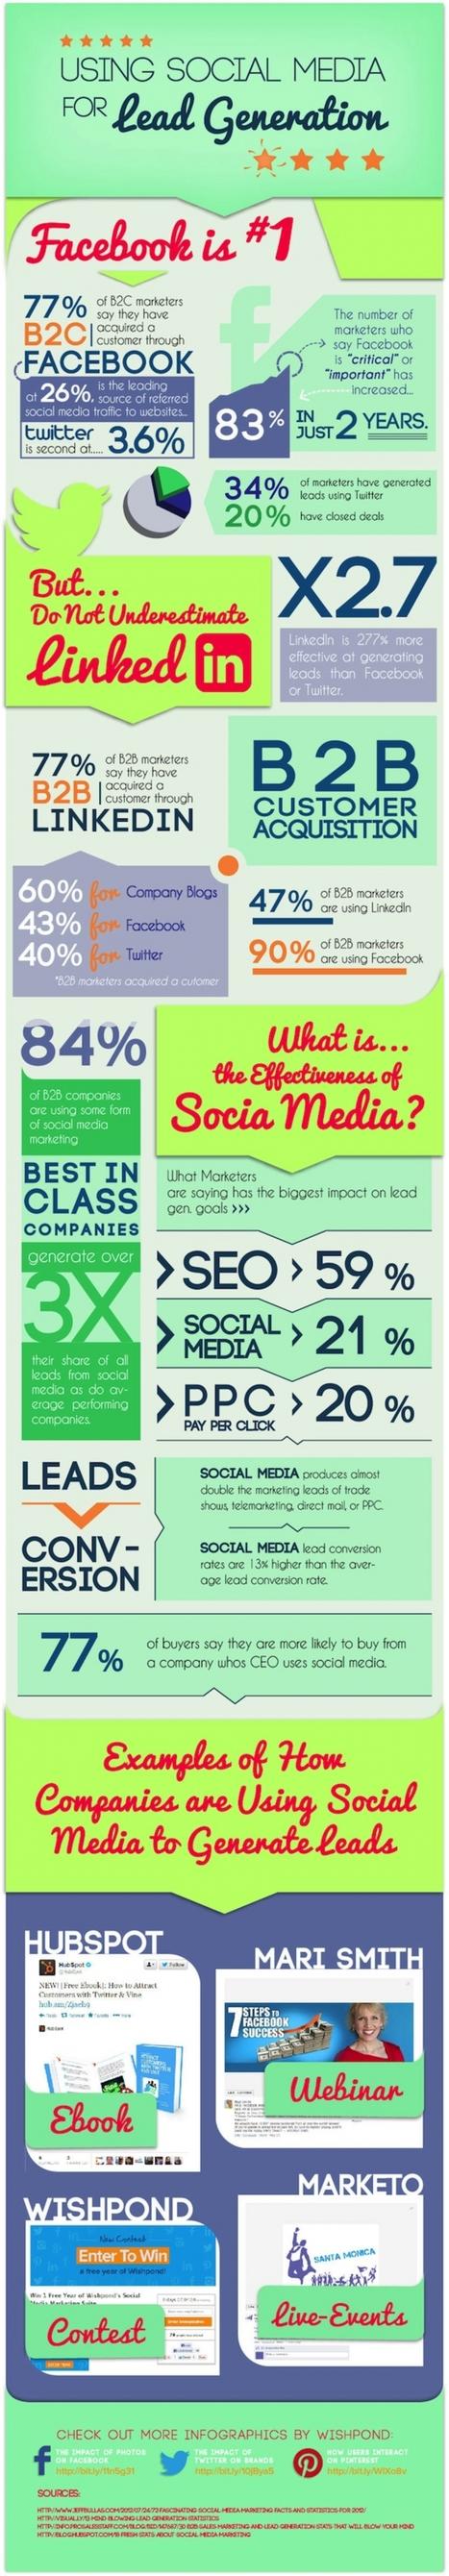 Infographie | 84% des entreprises B to B utilisent les médias sociaux comme un outil marketing | MARKETING - BUSINESS DEVELOPMENT - CUSTOMER RELATIONSHIP MANAGEMENT | Scoop.it